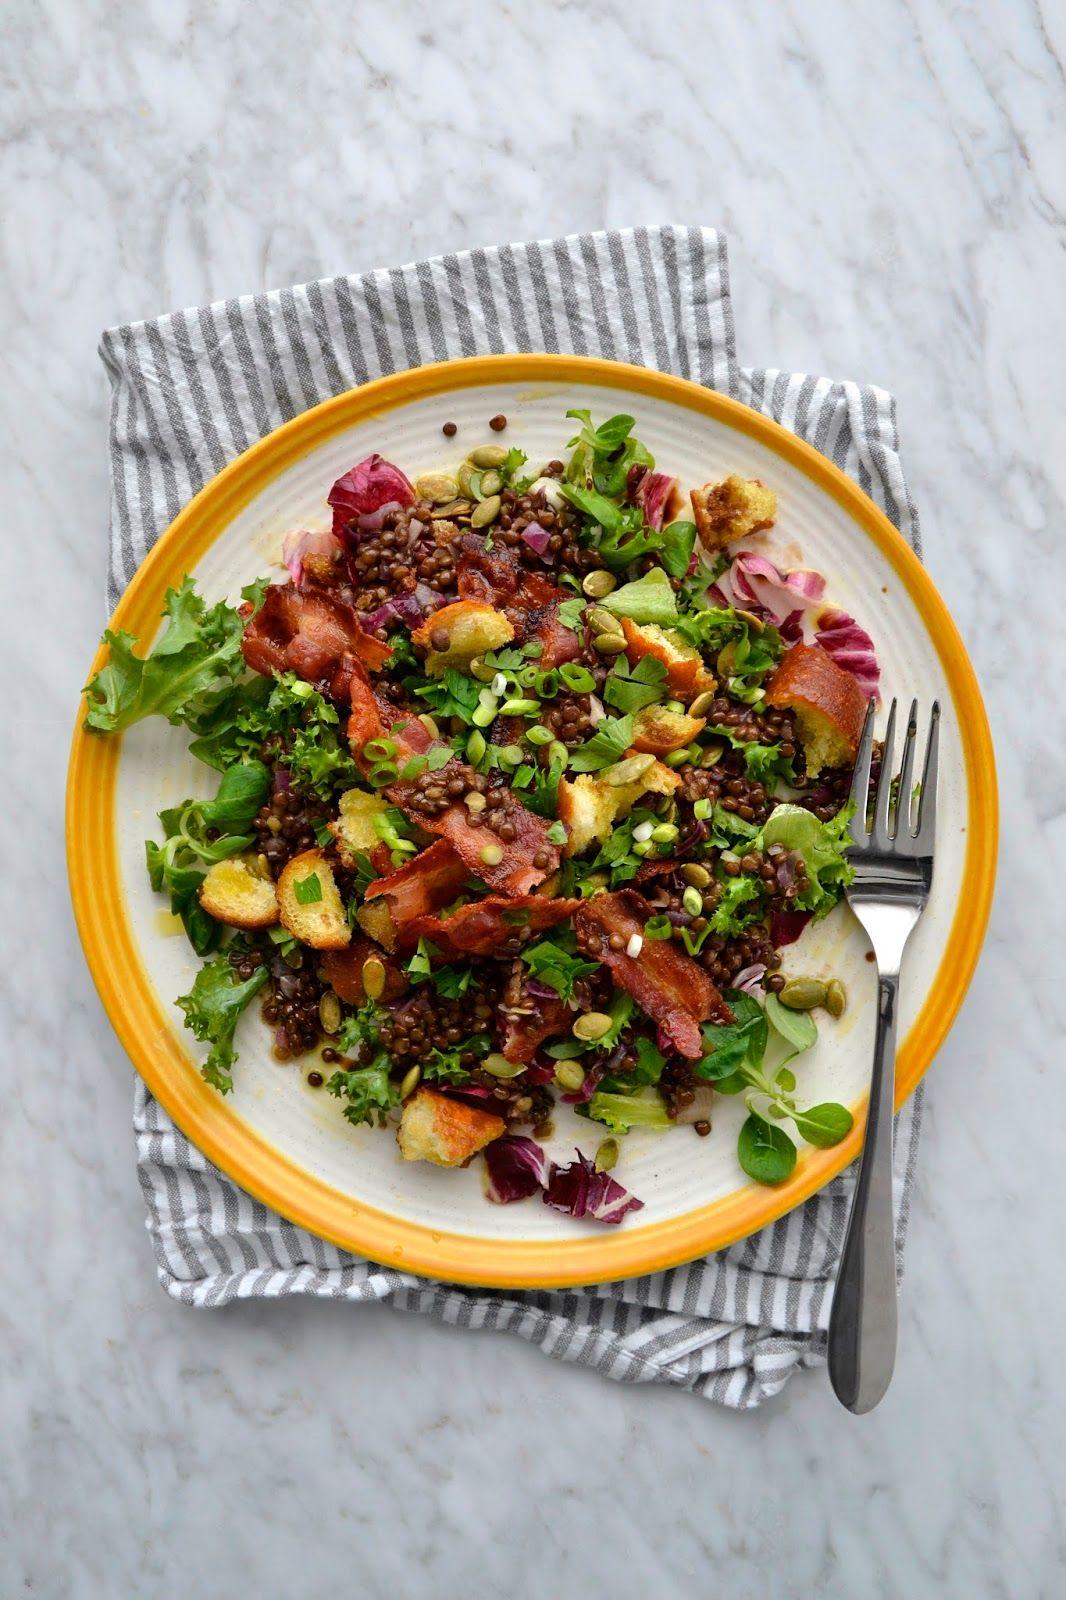 Salade De Lentilles Lardons : salade, lentilles, lardons, Simple, Comme, Salade, Lentilles, Croustillant, Cuisine, C'est, Lentilles,, Recettes, Minceur,